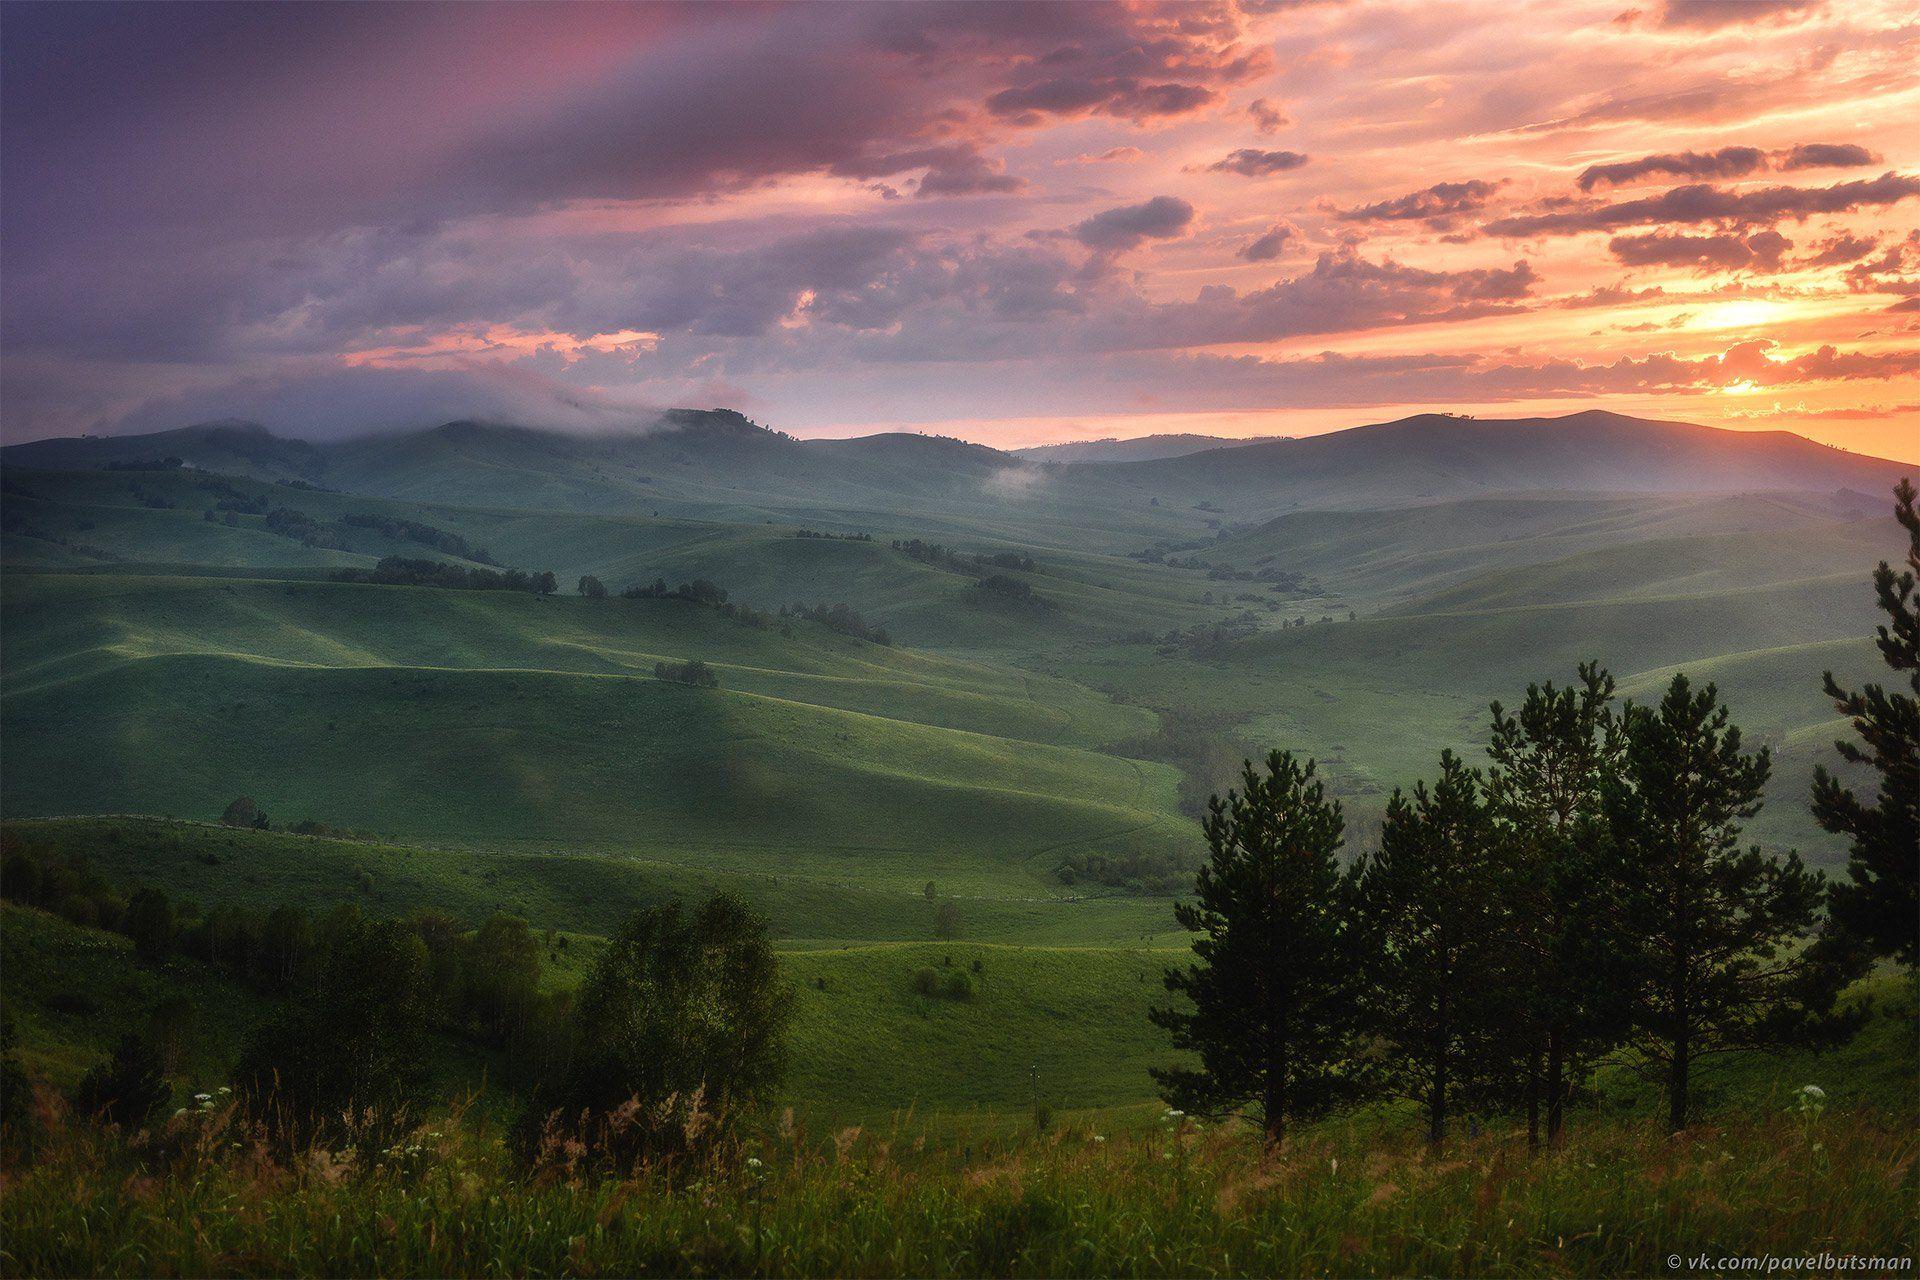 алтай, горы, вечер, закат, небо, облака, холмы, Павел Силиненко